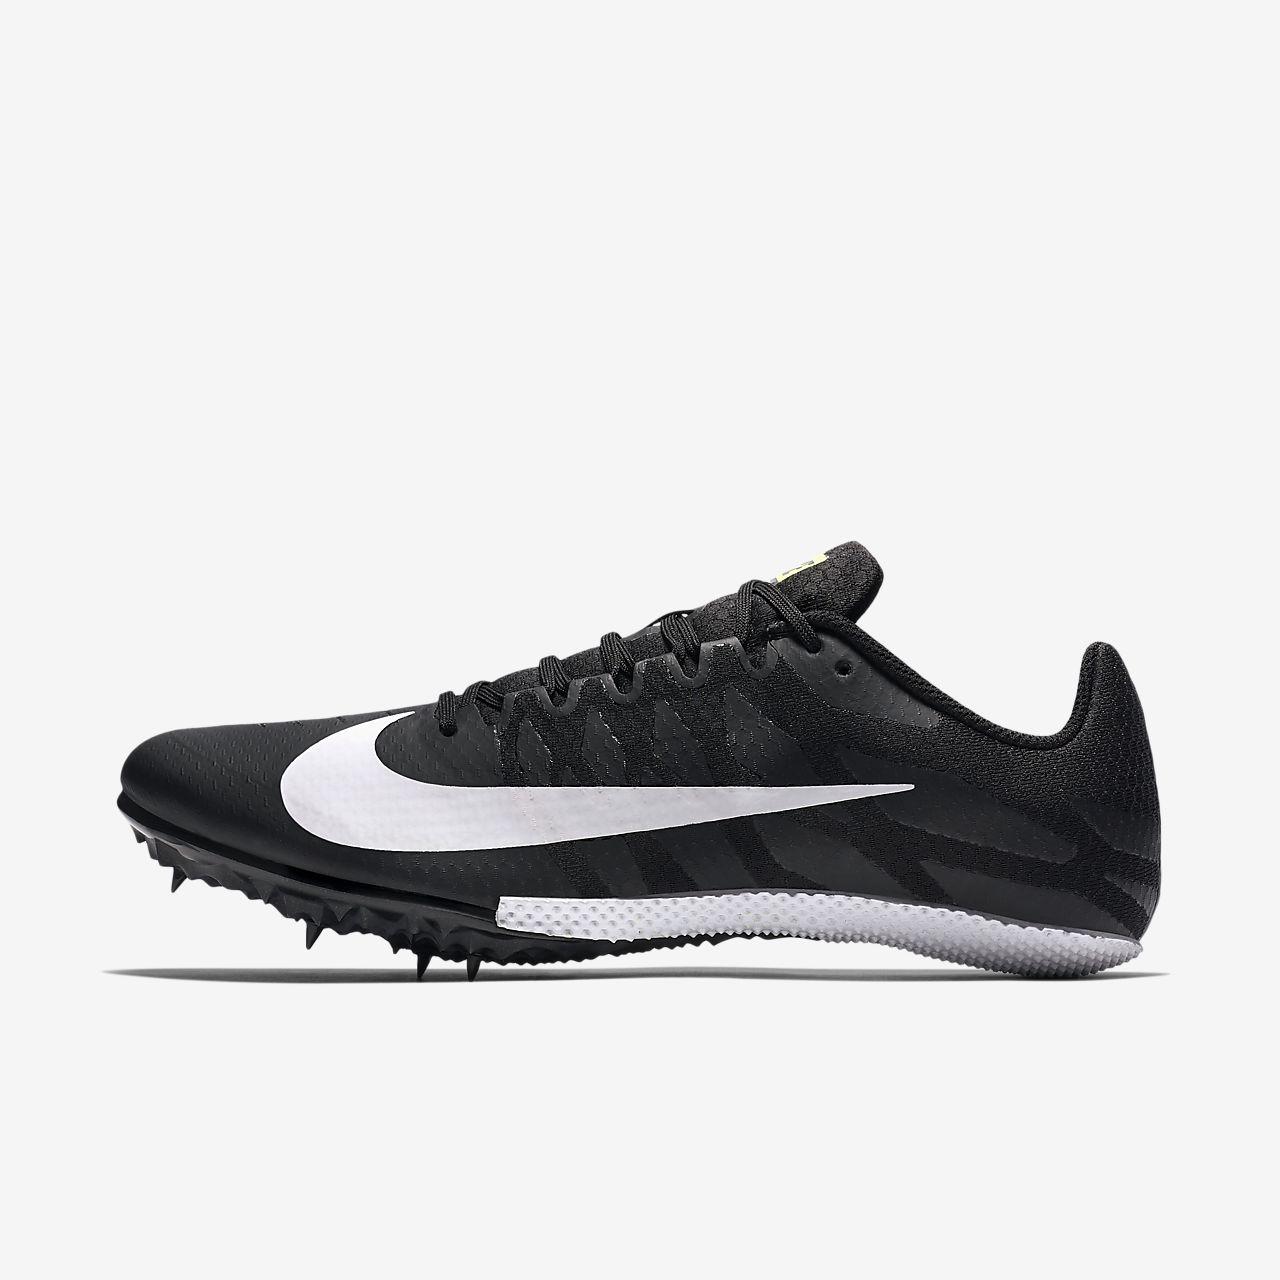 Nike Zoom S 9 Rival Clavos Zapatillas Unisex Con I7yY6gmbfv